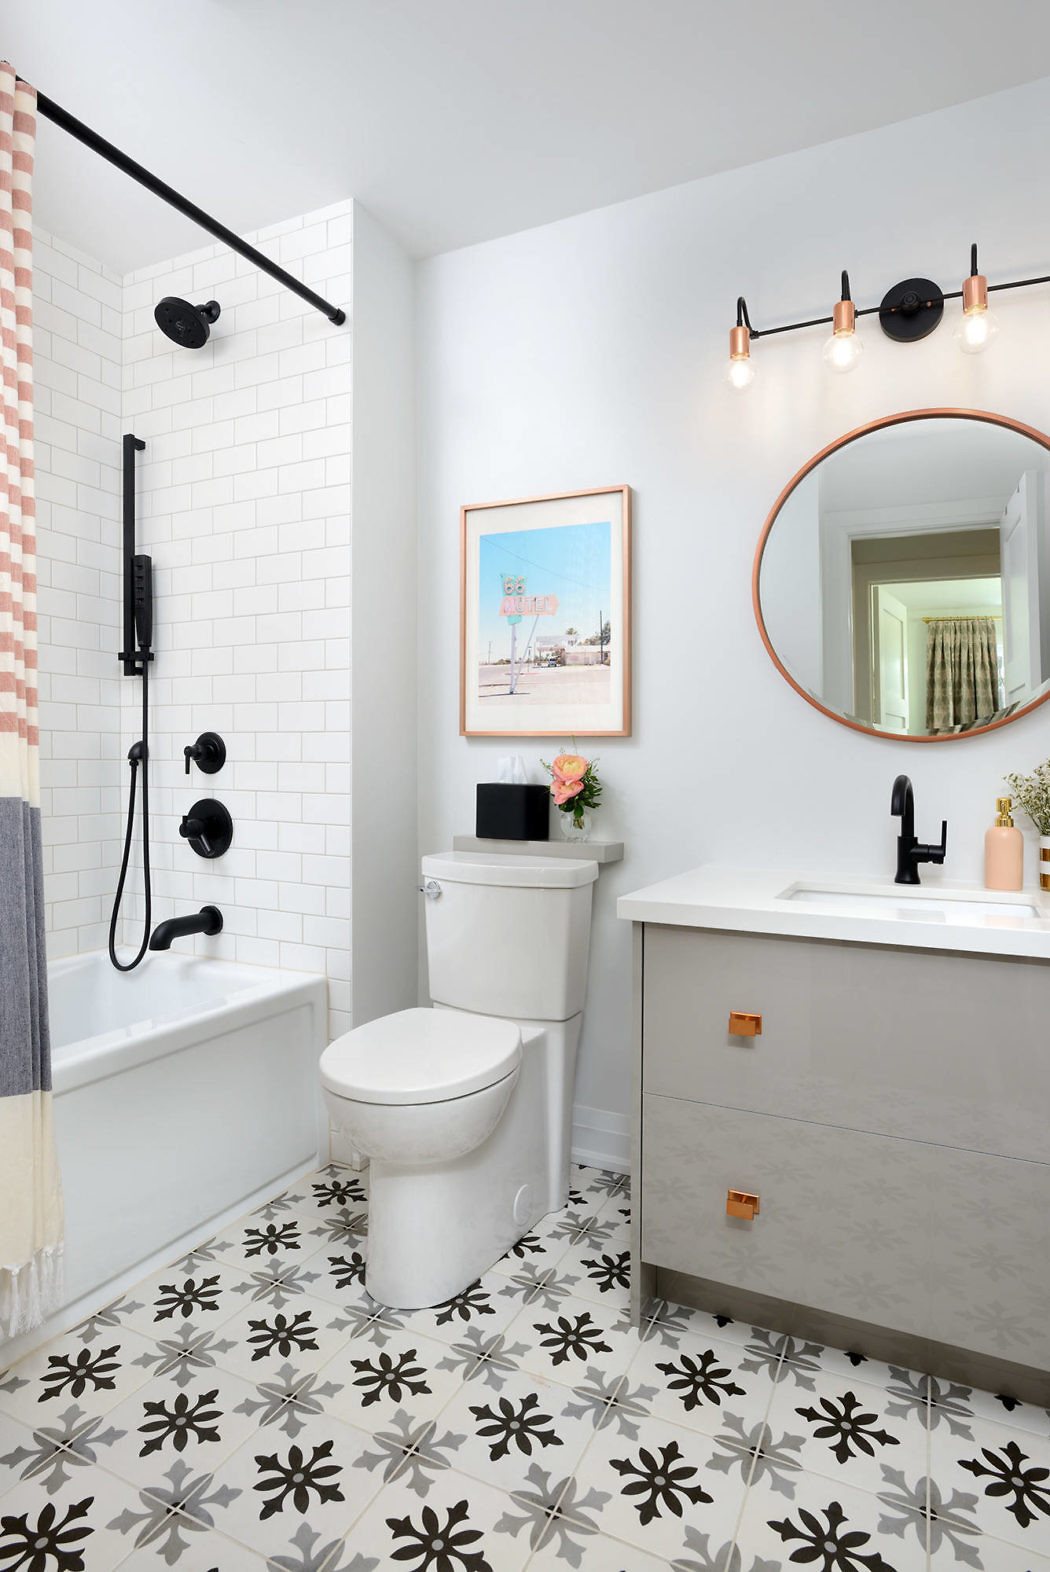 Leuke badkamer door  interieurontwerper en architect Michelle Berwick